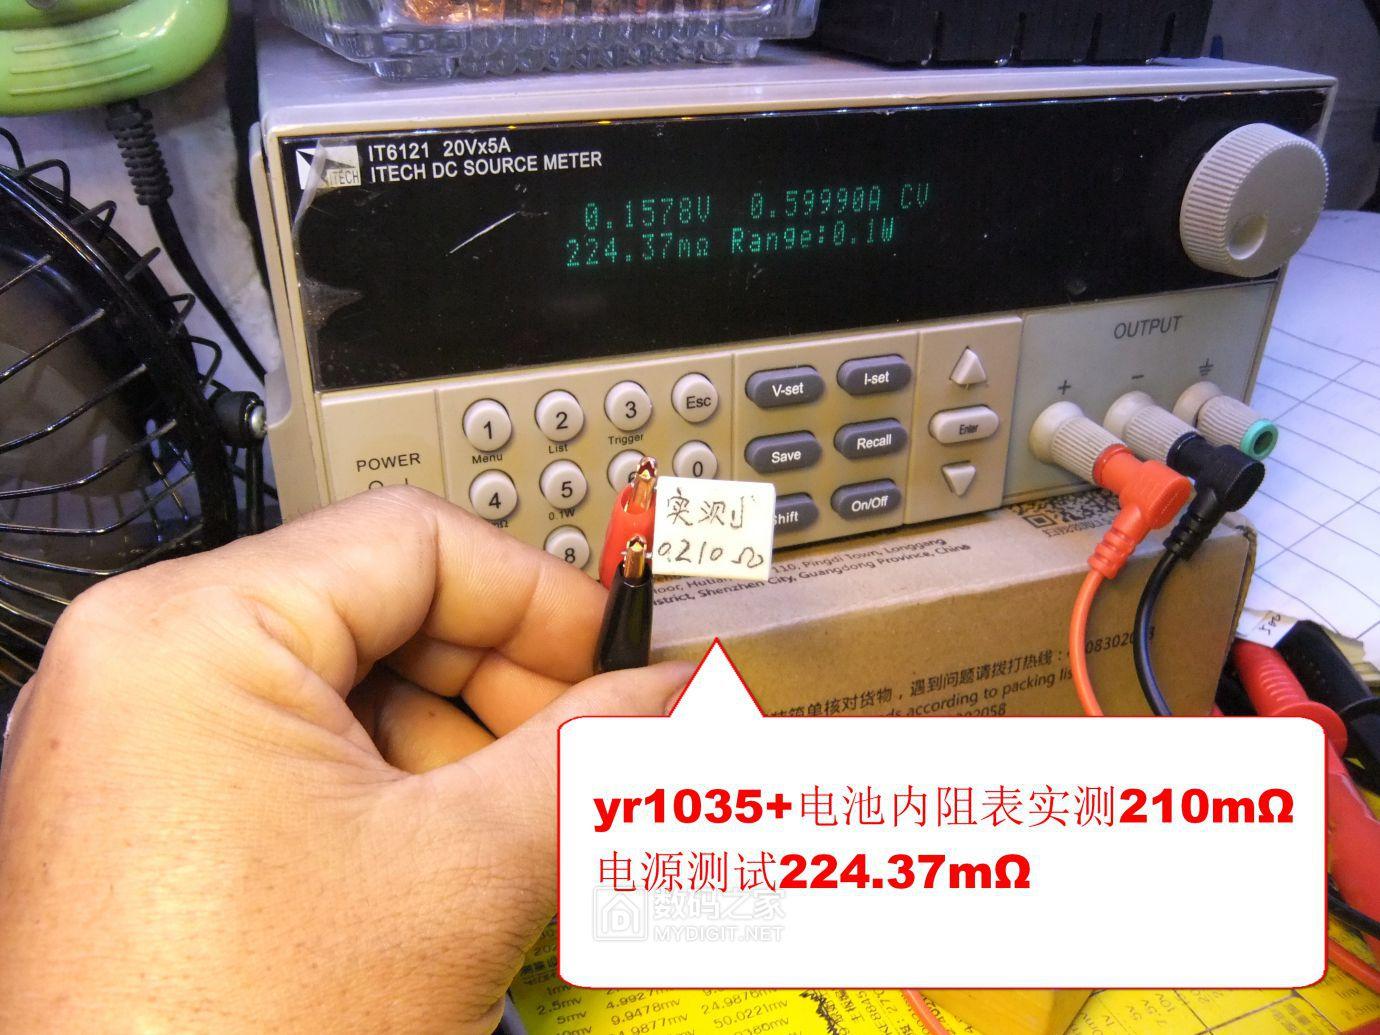 DSCF0527.JPG